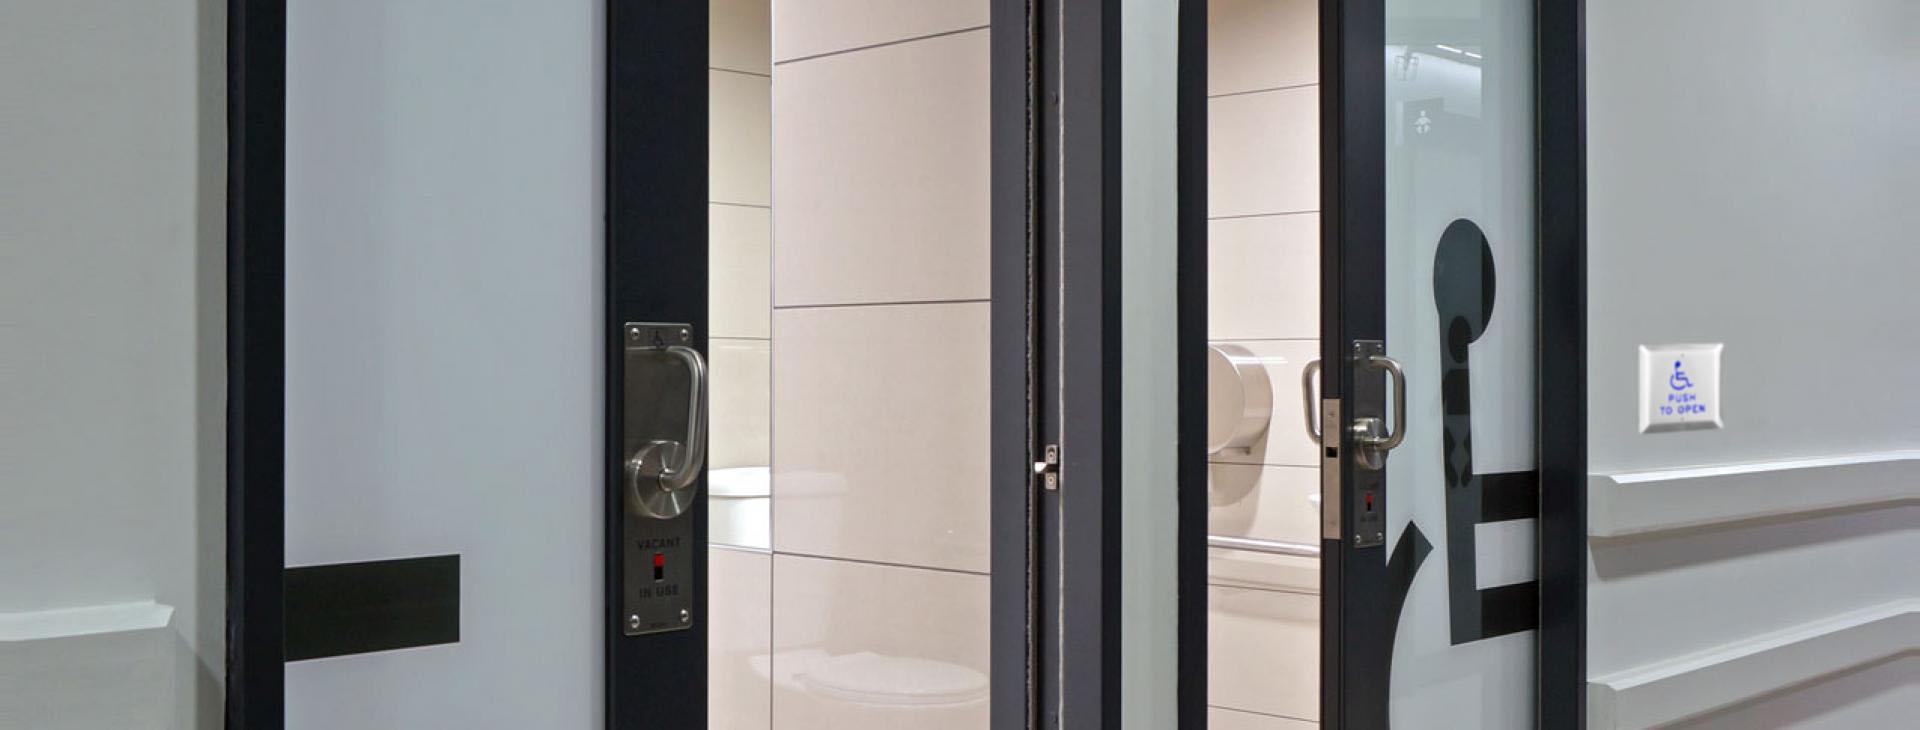 Handicap Accessible Doors